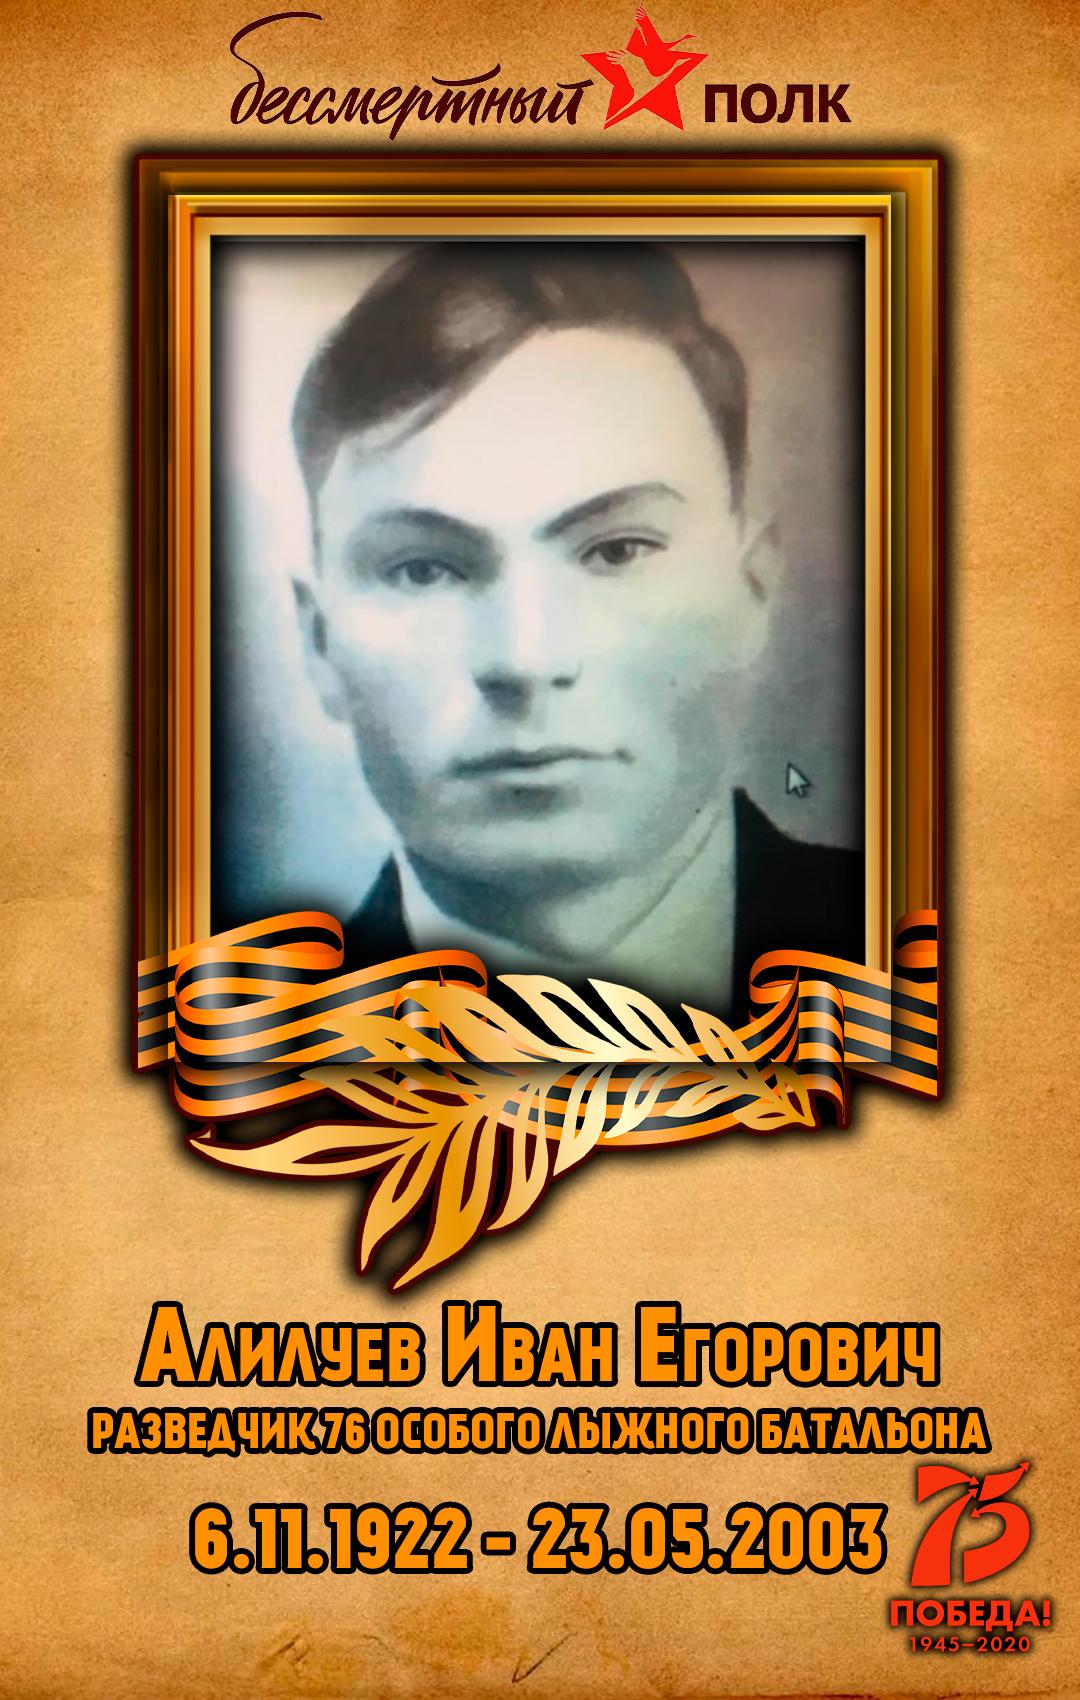 Алилуев-Иван-Егорович